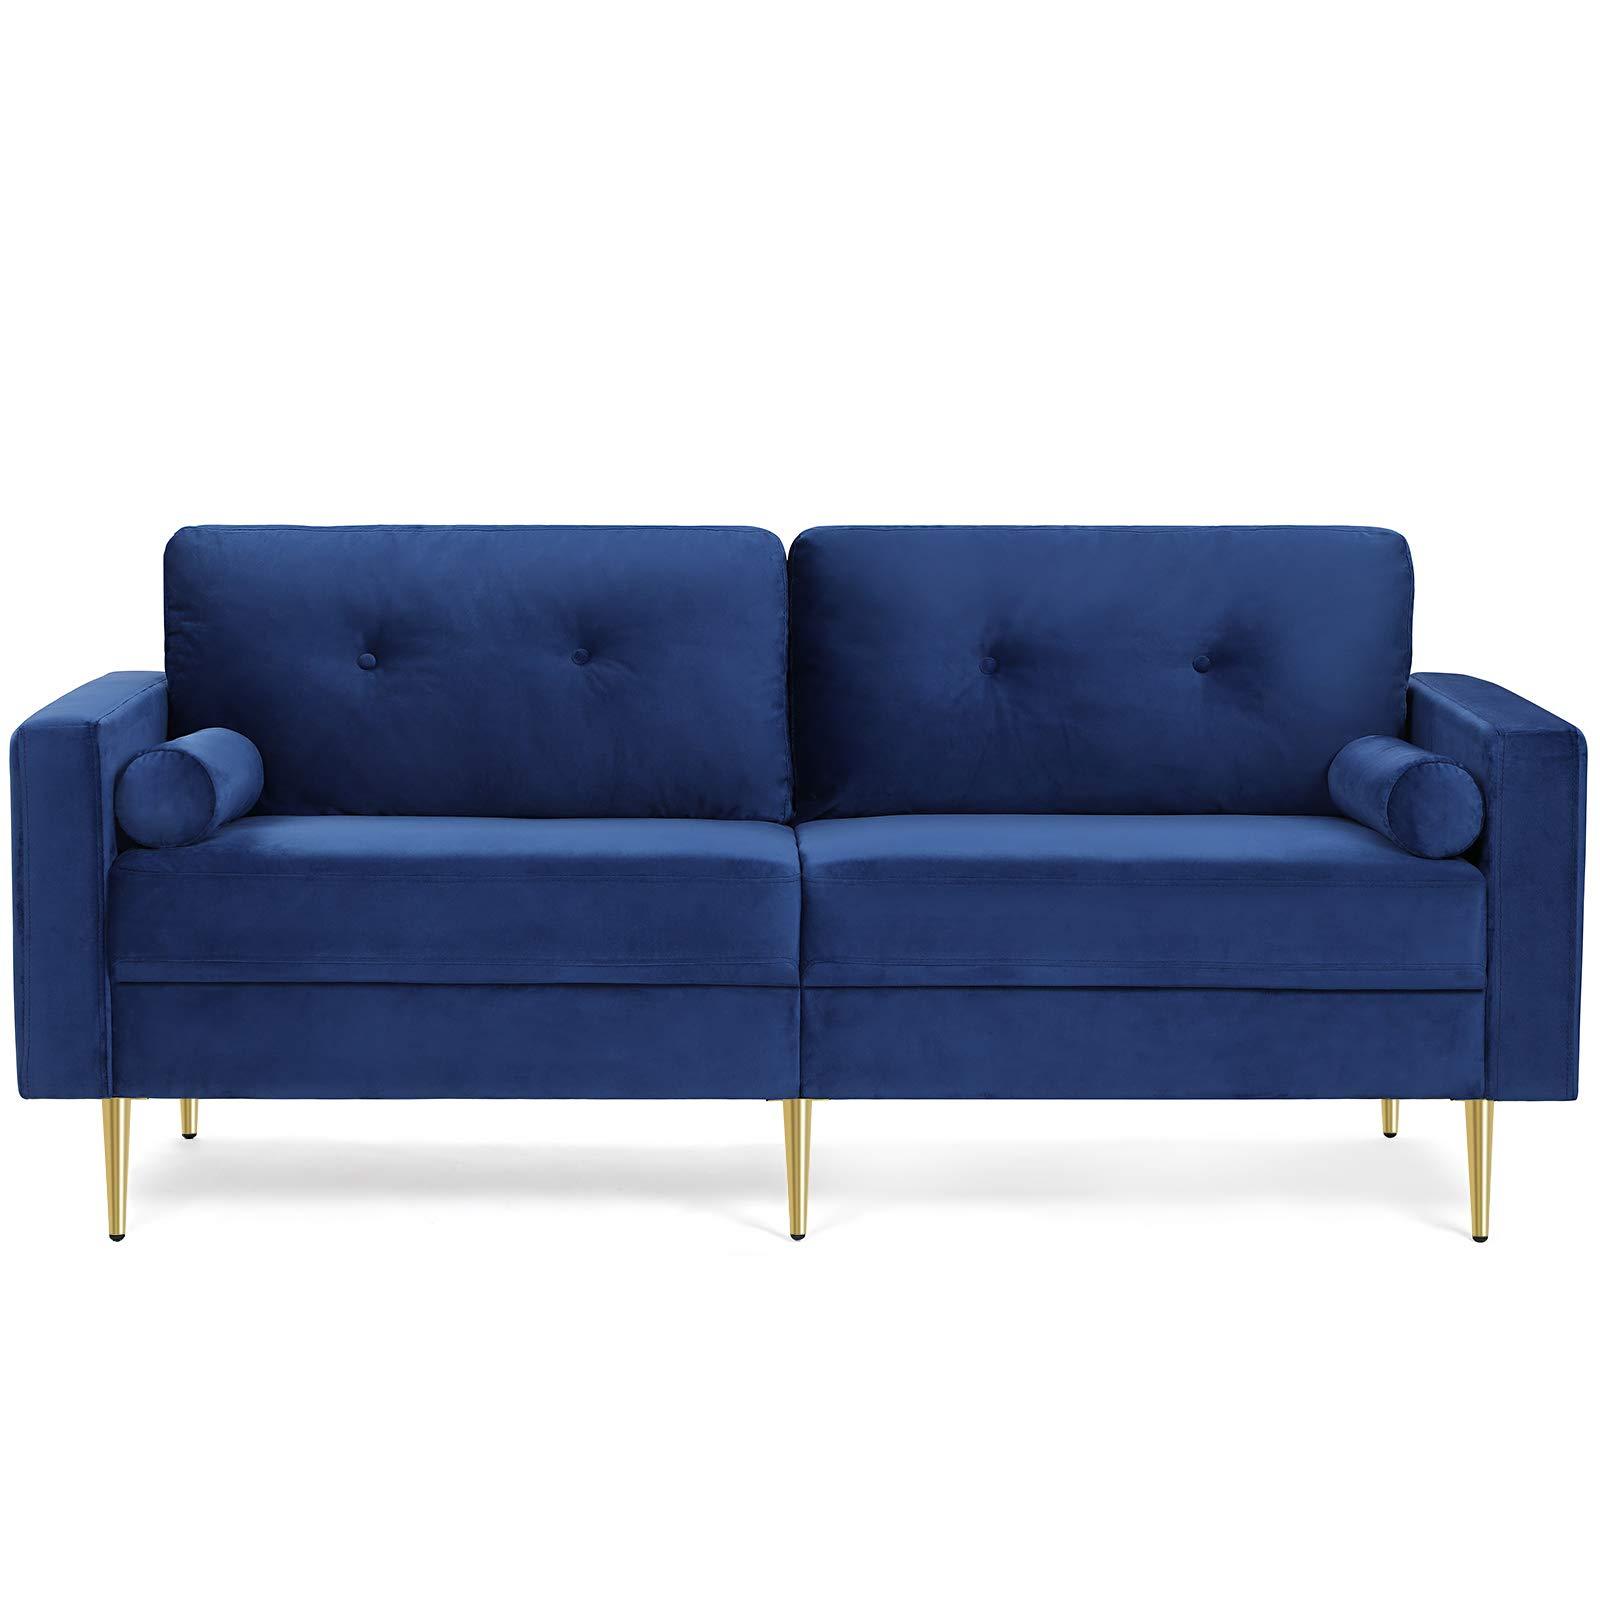 VASAGLE 3-Sitzer Sofa, Couch für Wohnzimmer, Bezug aus Samt, für Wohnungen, kleinen Raum, Holzgestell, Metallbeine, einfacher Aufbau, modernes Design, 190 x 82 x 84 cm, blau LCS001Q01